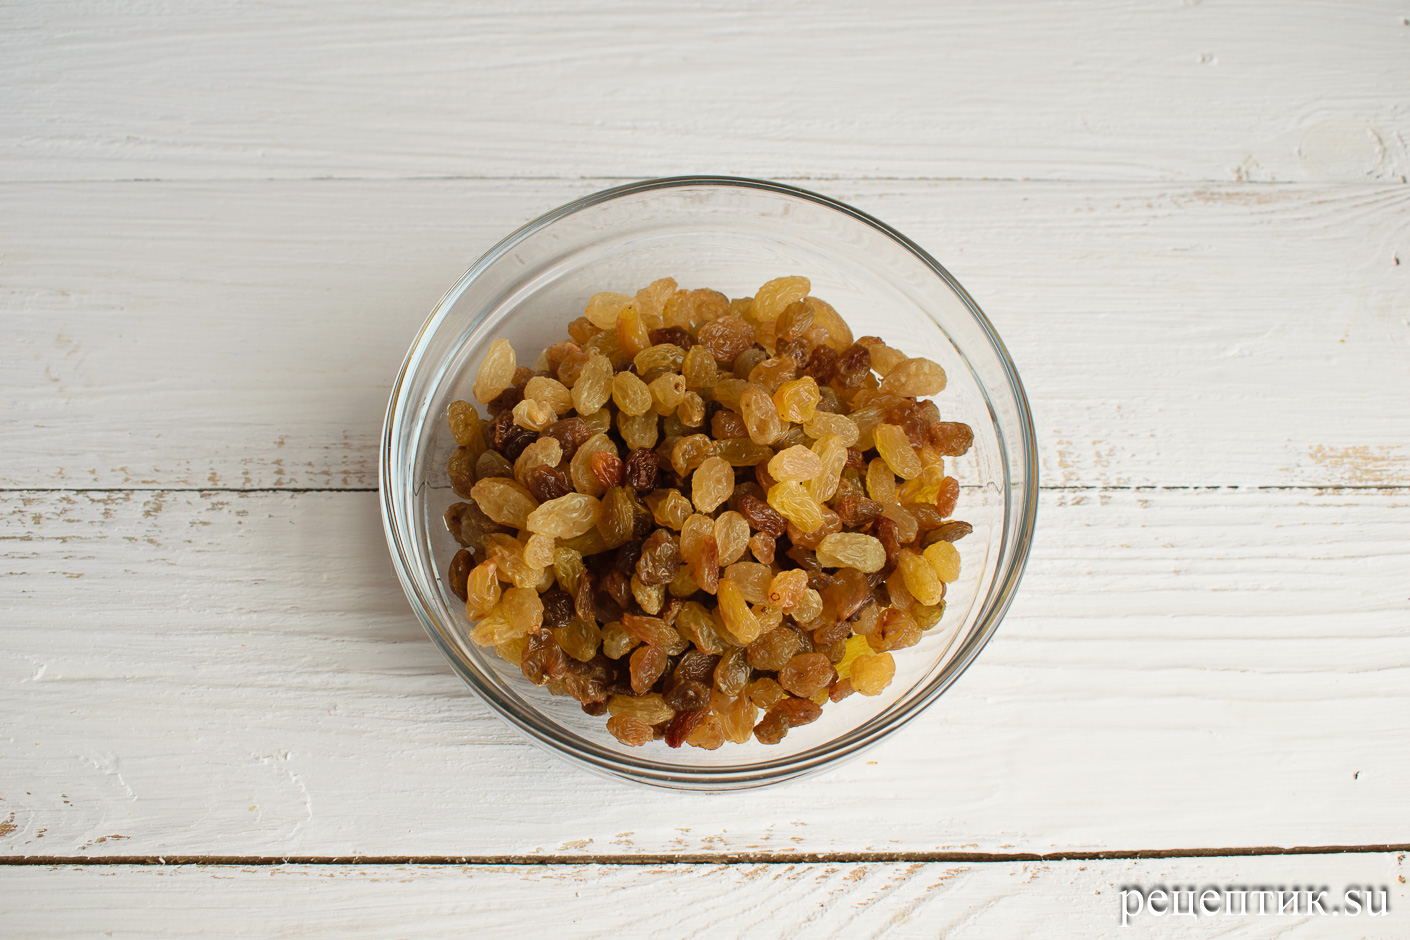 Пасхальный кулич-краффин – простой, быстрый и невероятно вкусный - рецепт с фото, шаг 10